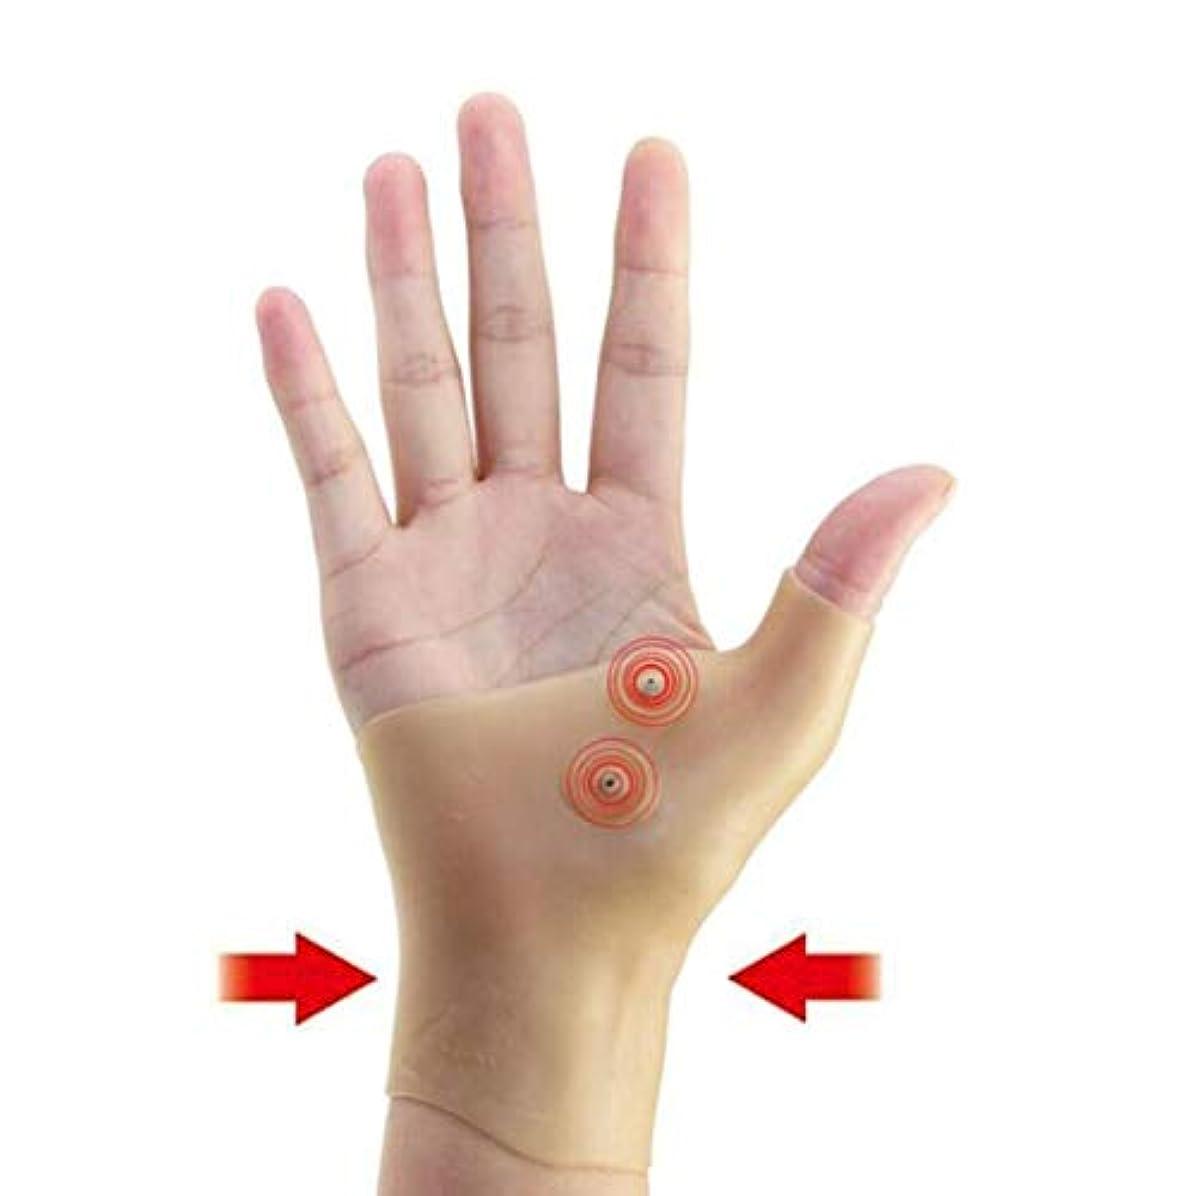 航空会社有名人発表磁気療法手首手親指サポート手袋シリコーンゲル関節炎圧力矯正器マッサージ痛み緩和手袋 - 肌の色